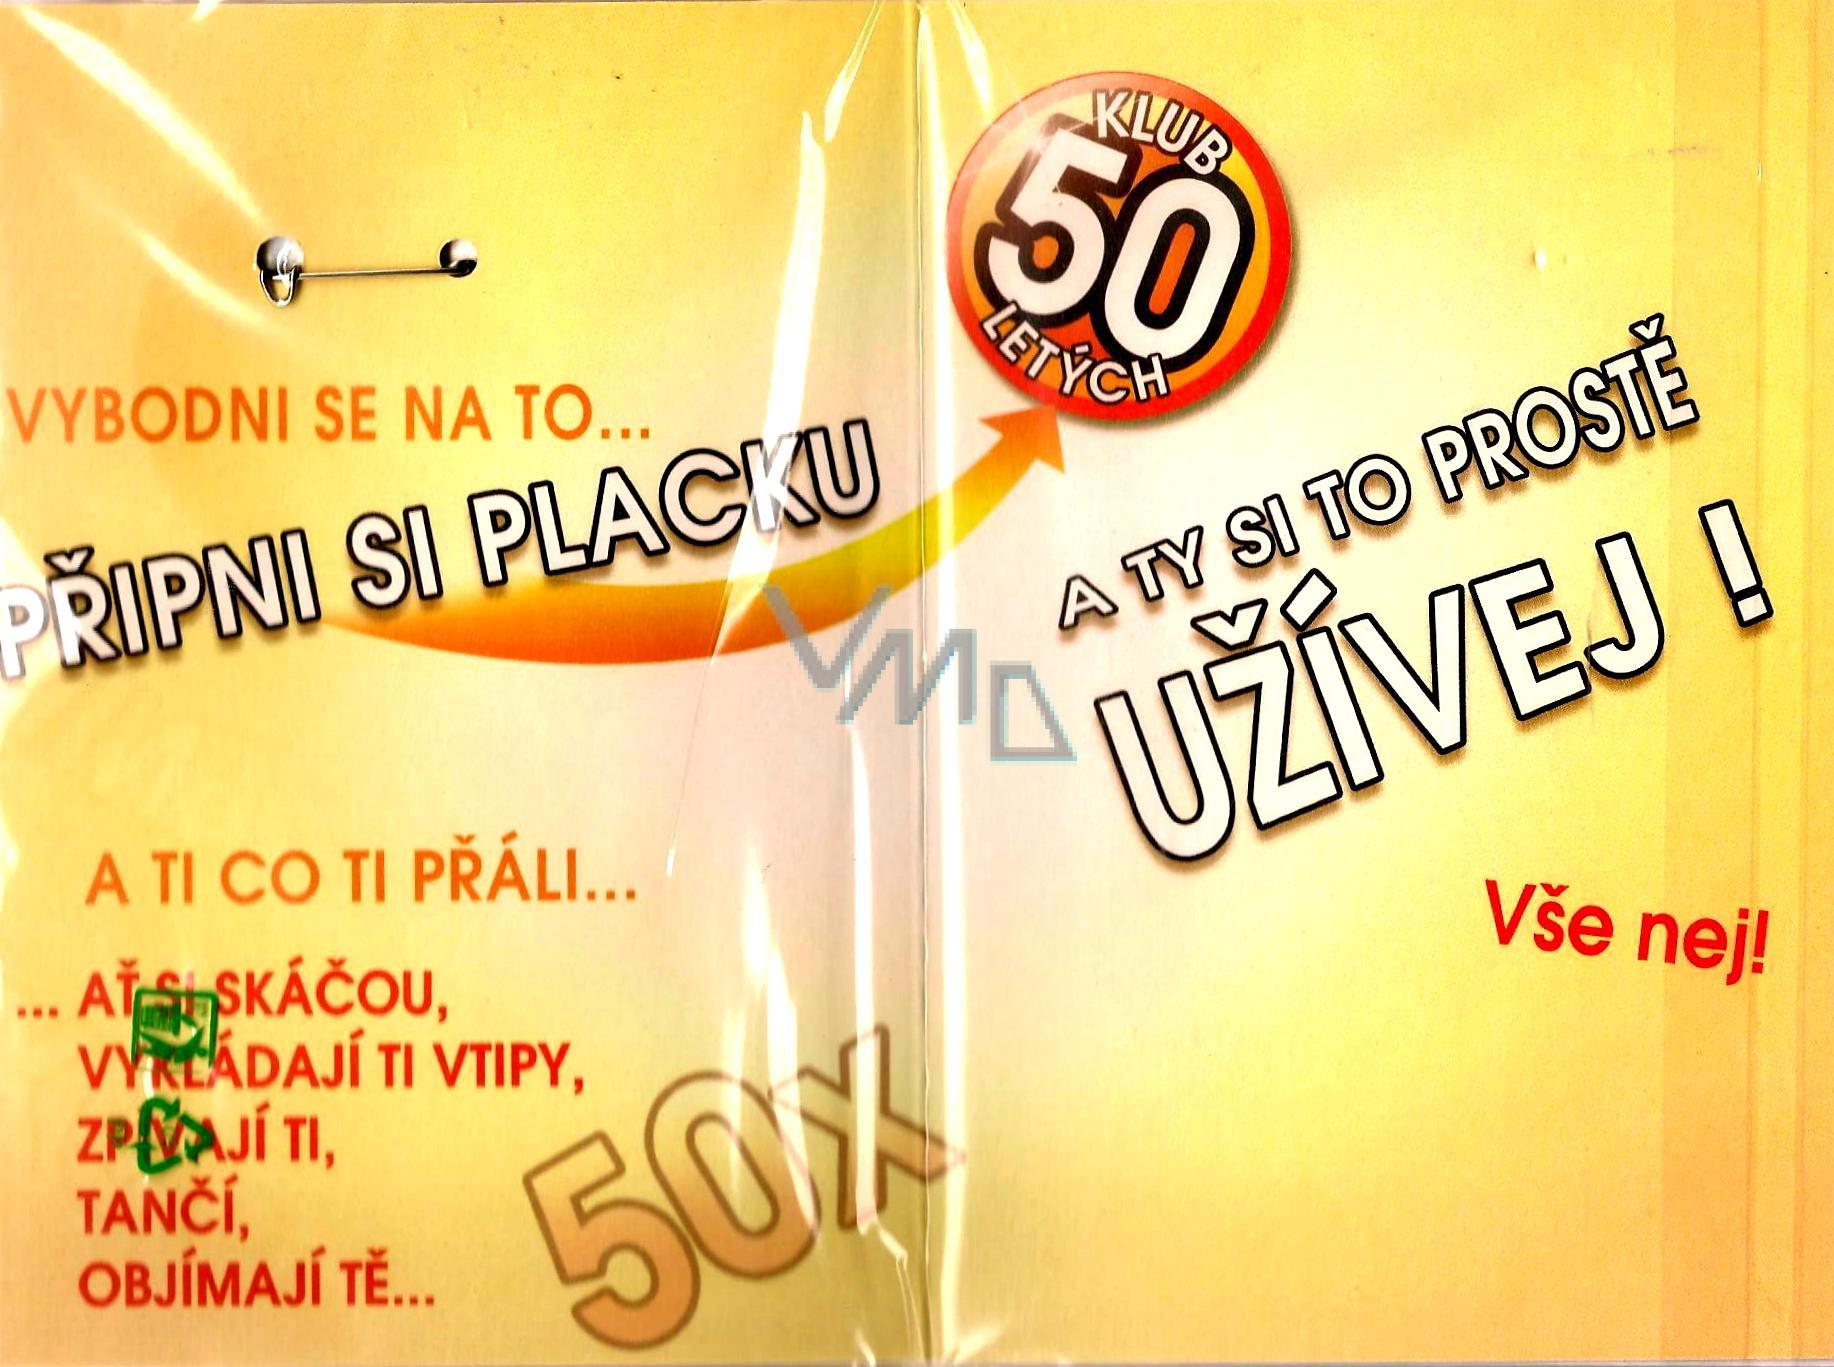 prani k narozeninam 50 Nekupto Přání k narozeninám Klub 50 letých   VMD parfumerie   drogerie prani k narozeninam 50